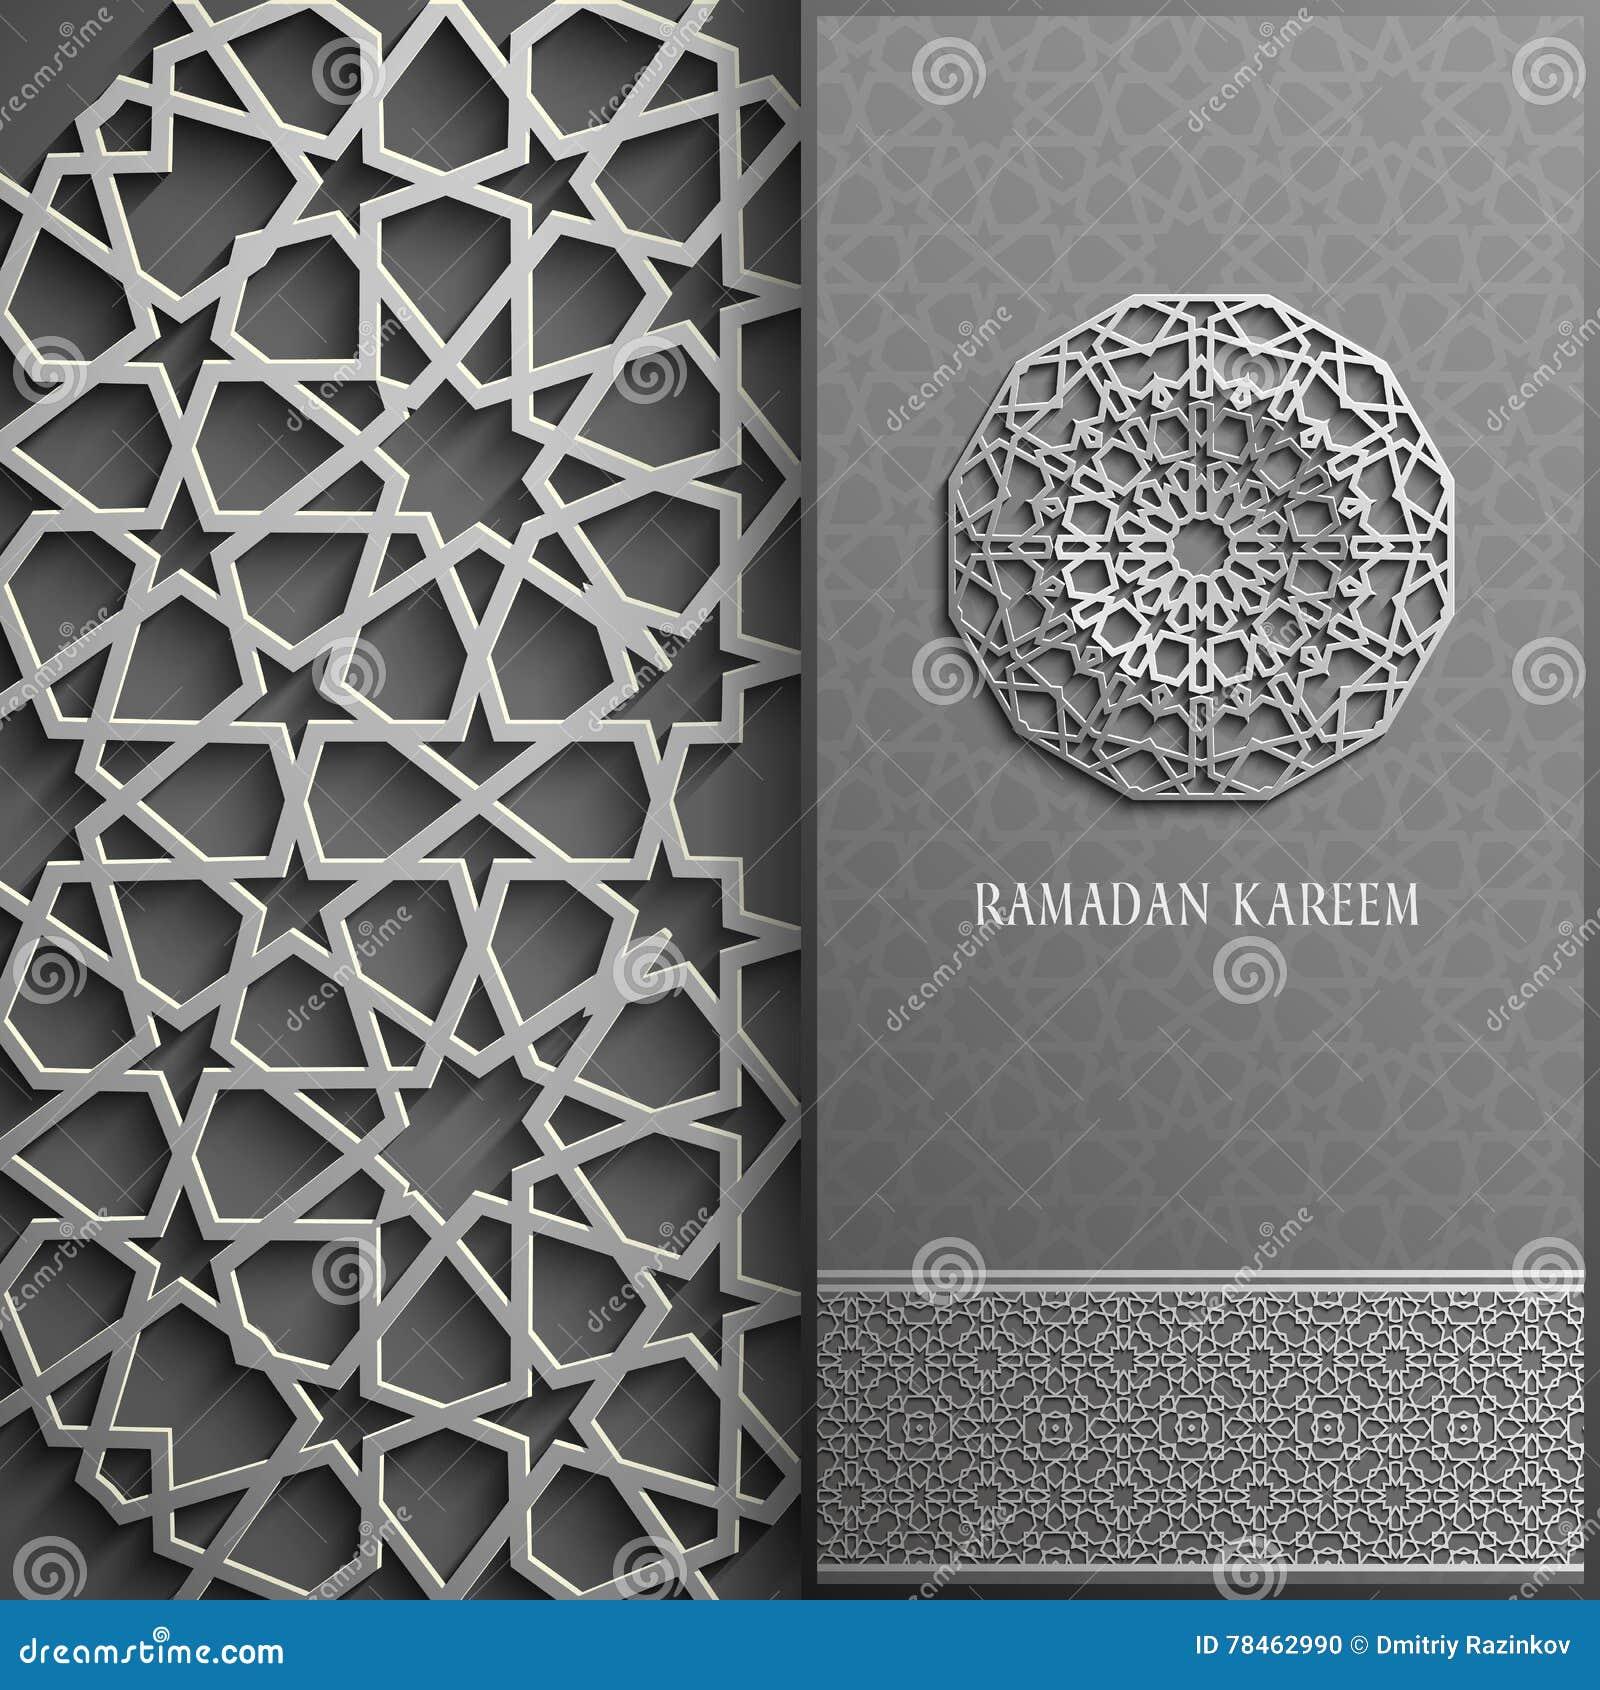 Ramadan Kareem-Grußkarte, islamische Art der Einladung Arabisches Kreismuster Verzierung auf Schwarzem, Broschüre